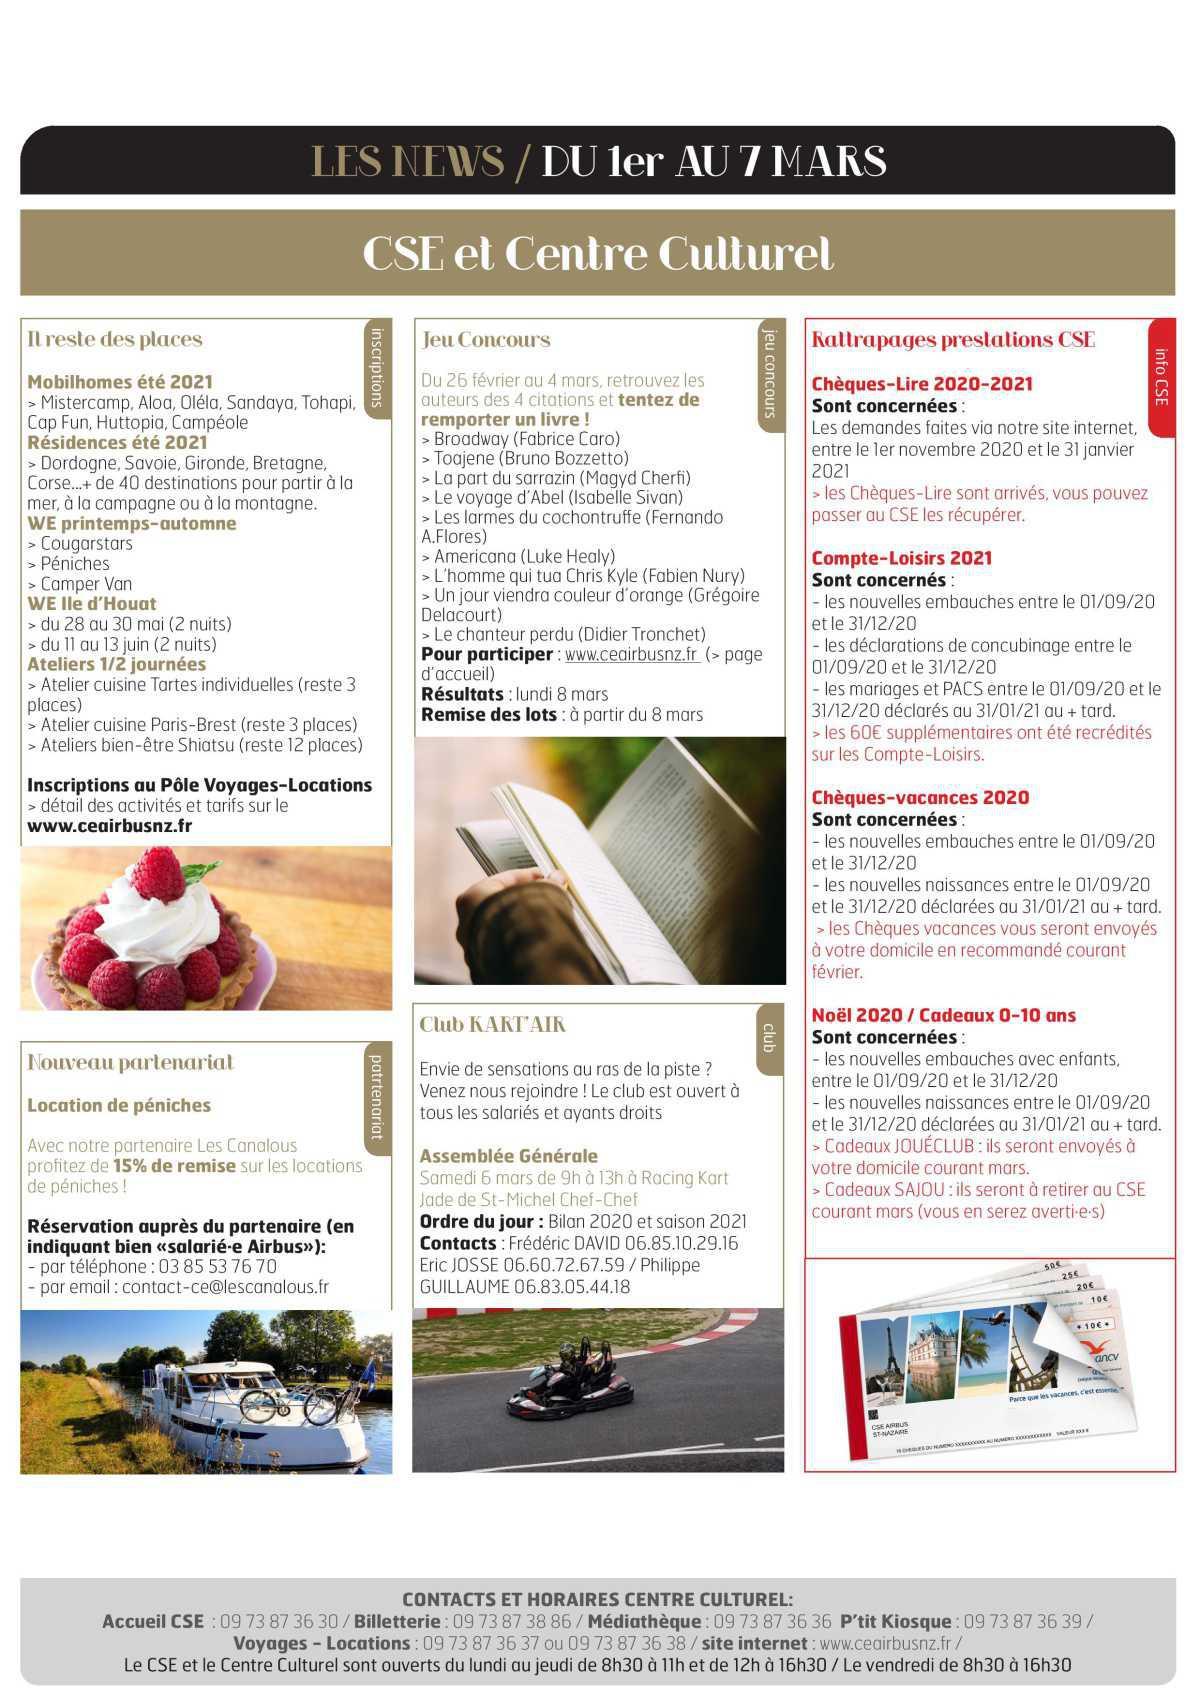 Informations du CSE et de la coopérative semaine 9